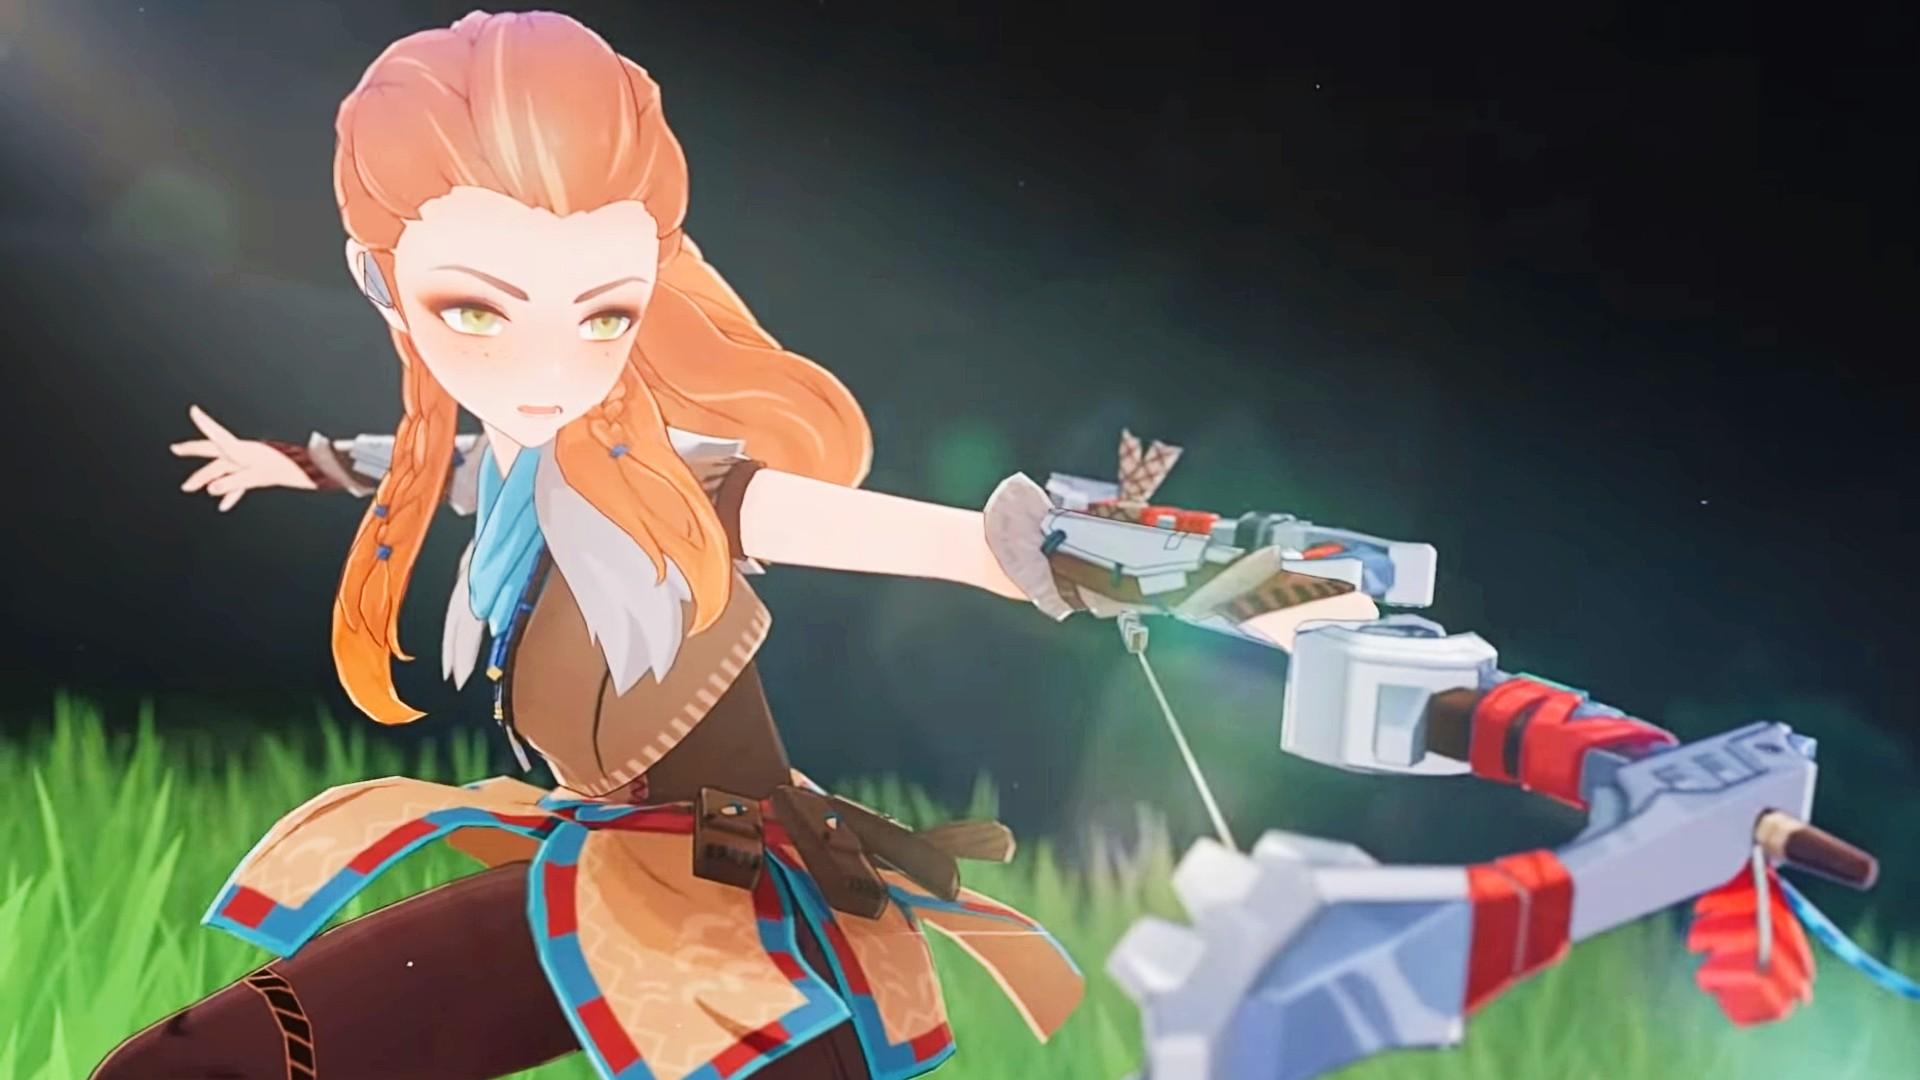 Here's how Horizon Zero Dawn's Aloy will play in Genshin Impact